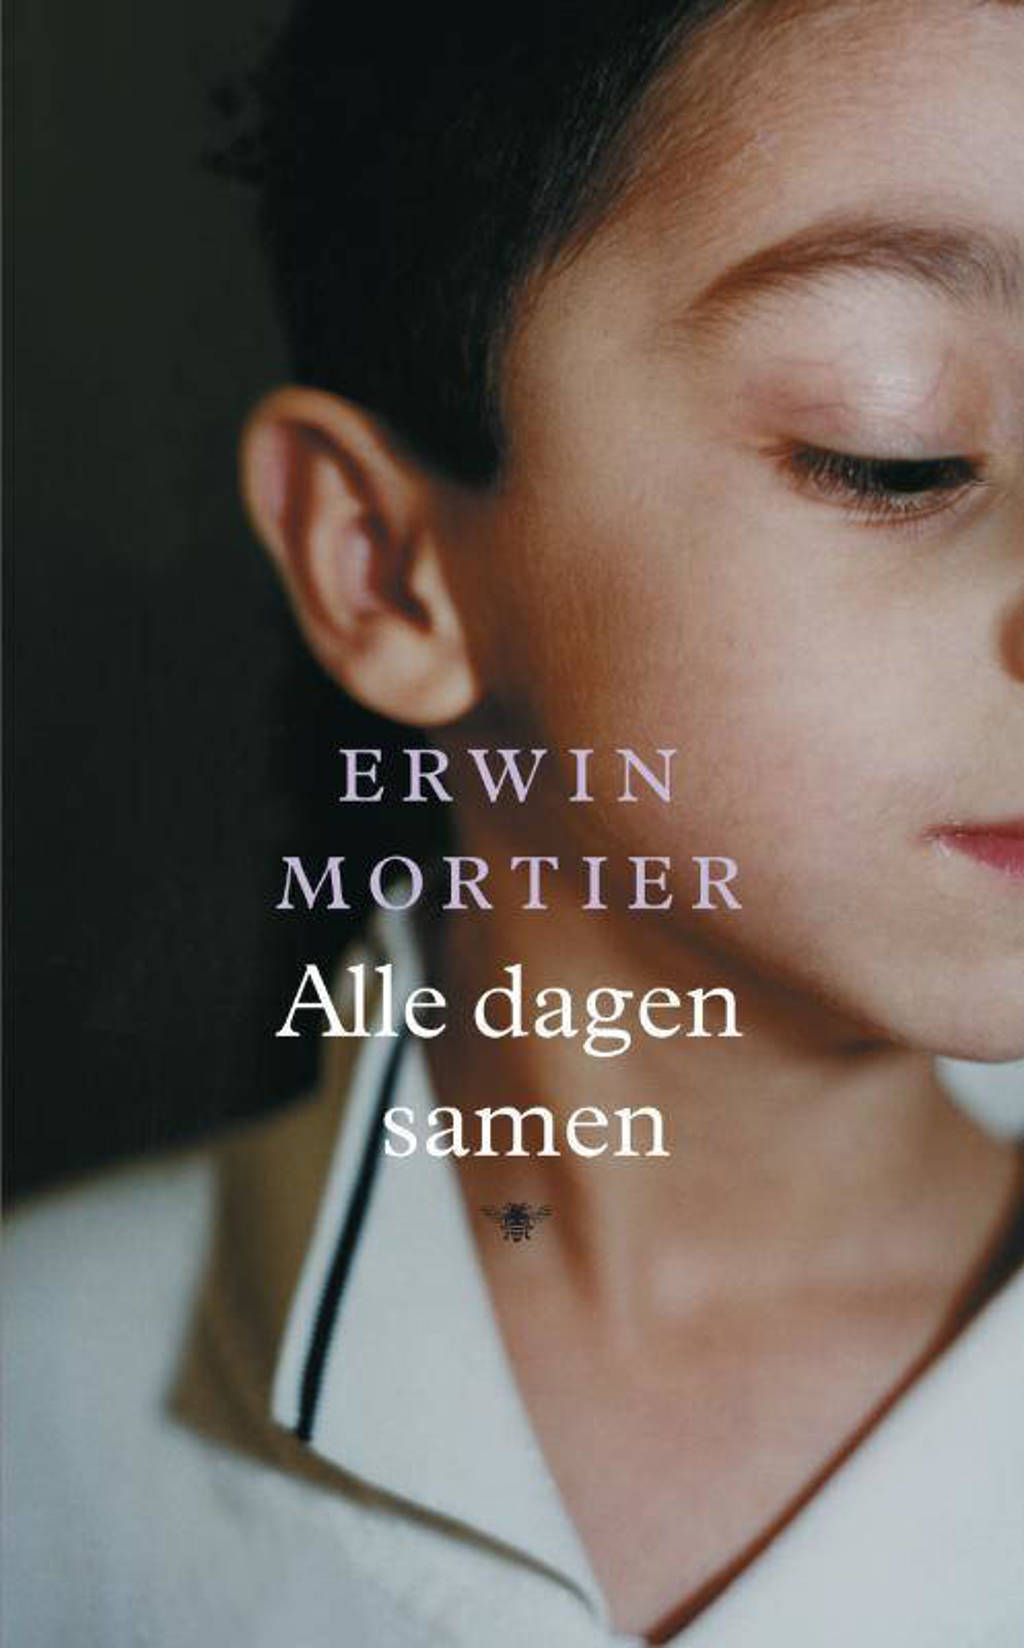 Alle dagen samen - Erwin Mortier